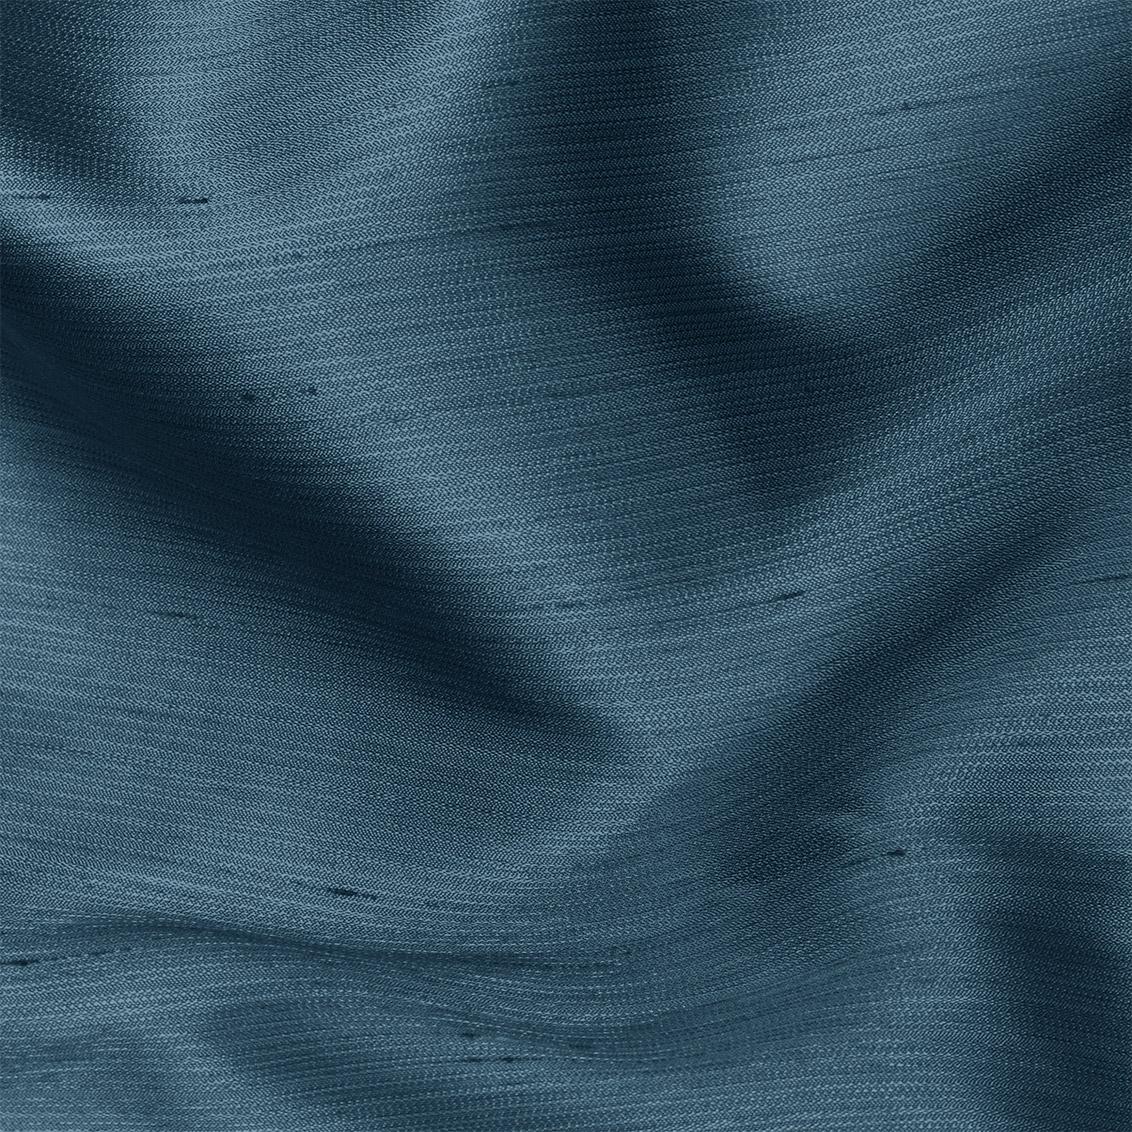 Chất liệu vải thô mfau xanh cao cấp